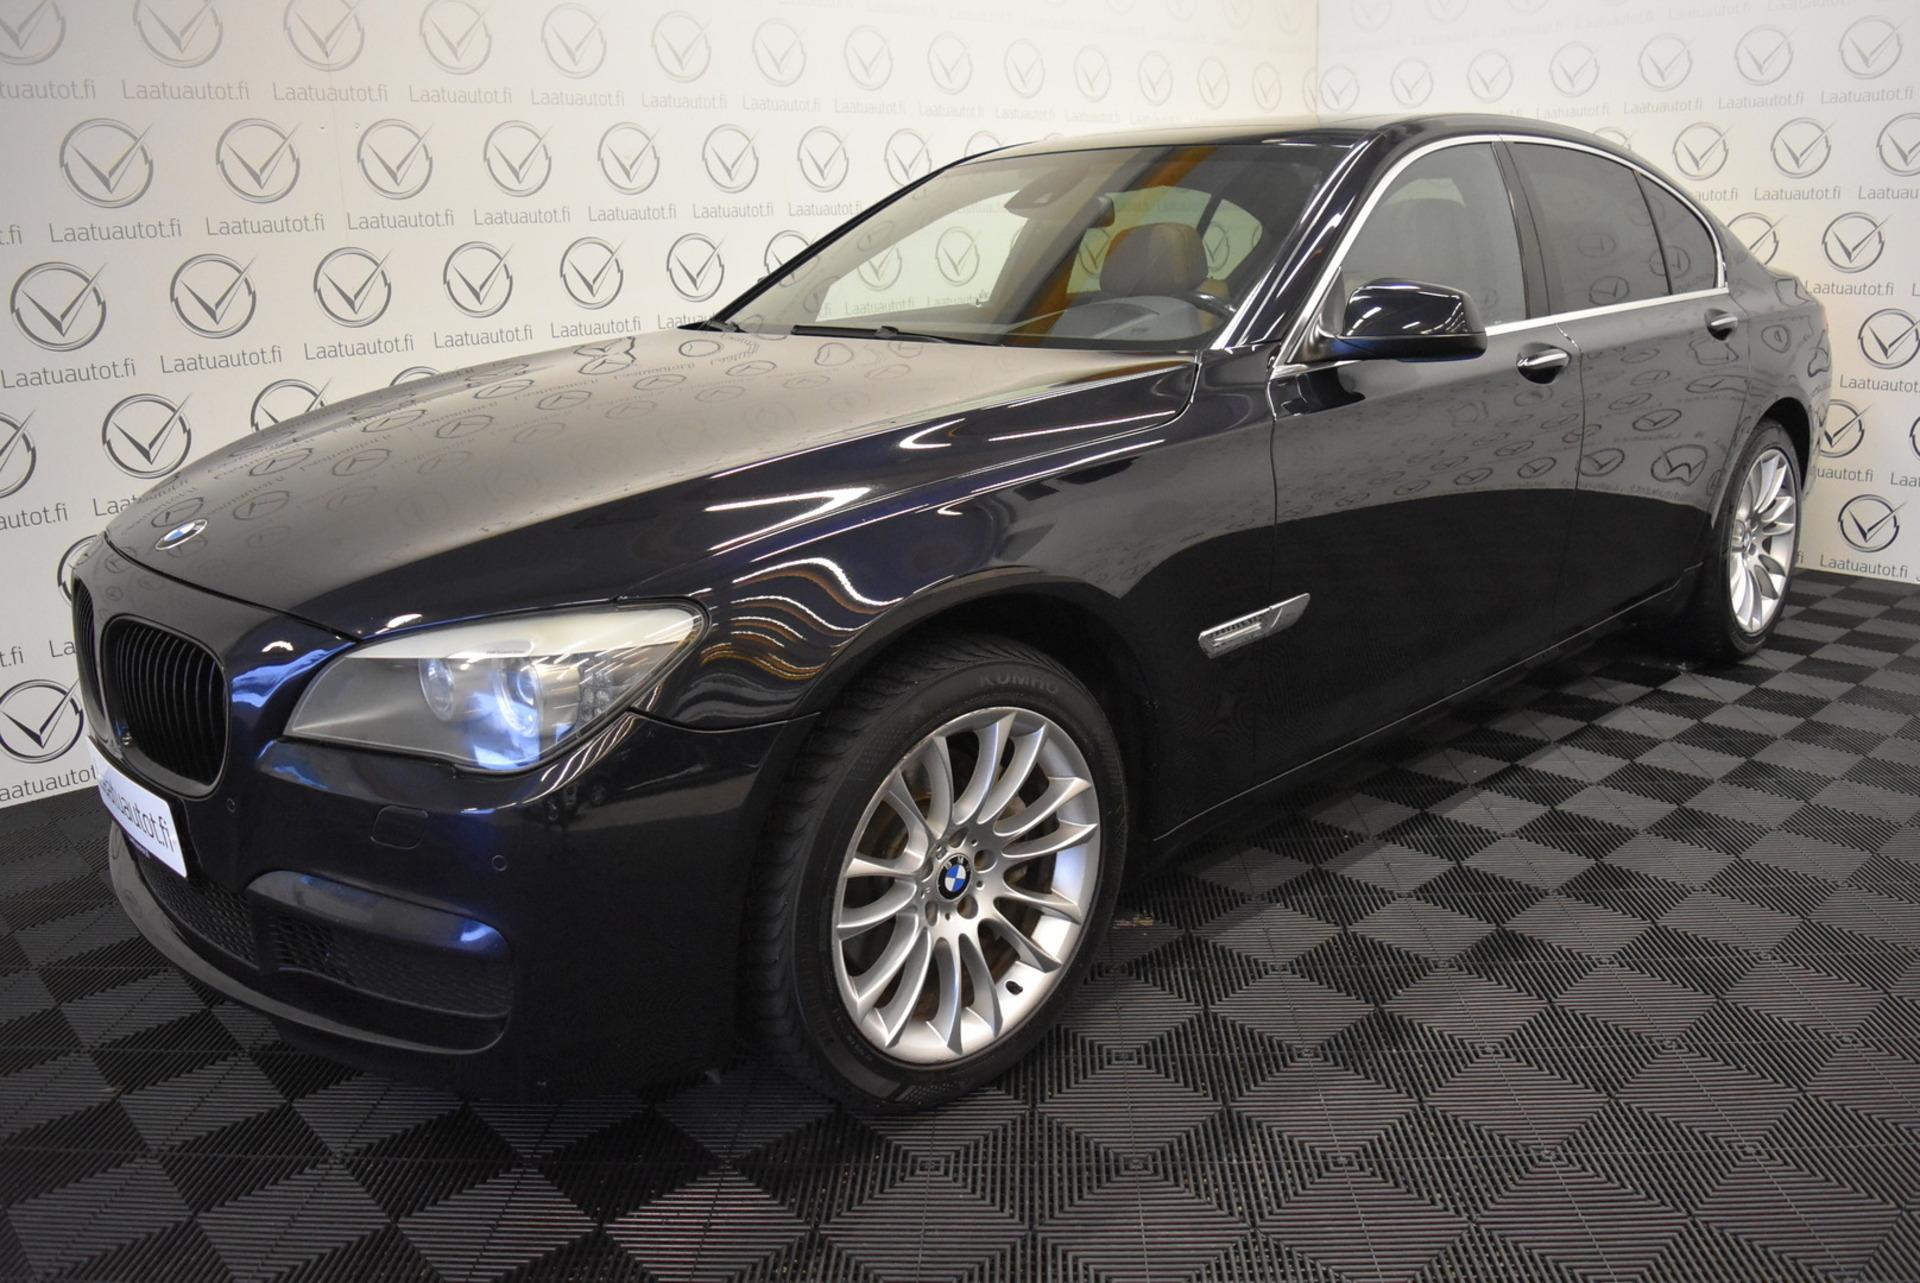 BMW 740 A F01 Sedan M-Sport - Rahoitus 1.89% jopa ilman käsirahaa! HUD,  Comfort nahat muistilla,  ProNavi,  Kaistavahti,  Xenon,  AktiiviCruise,  PDC